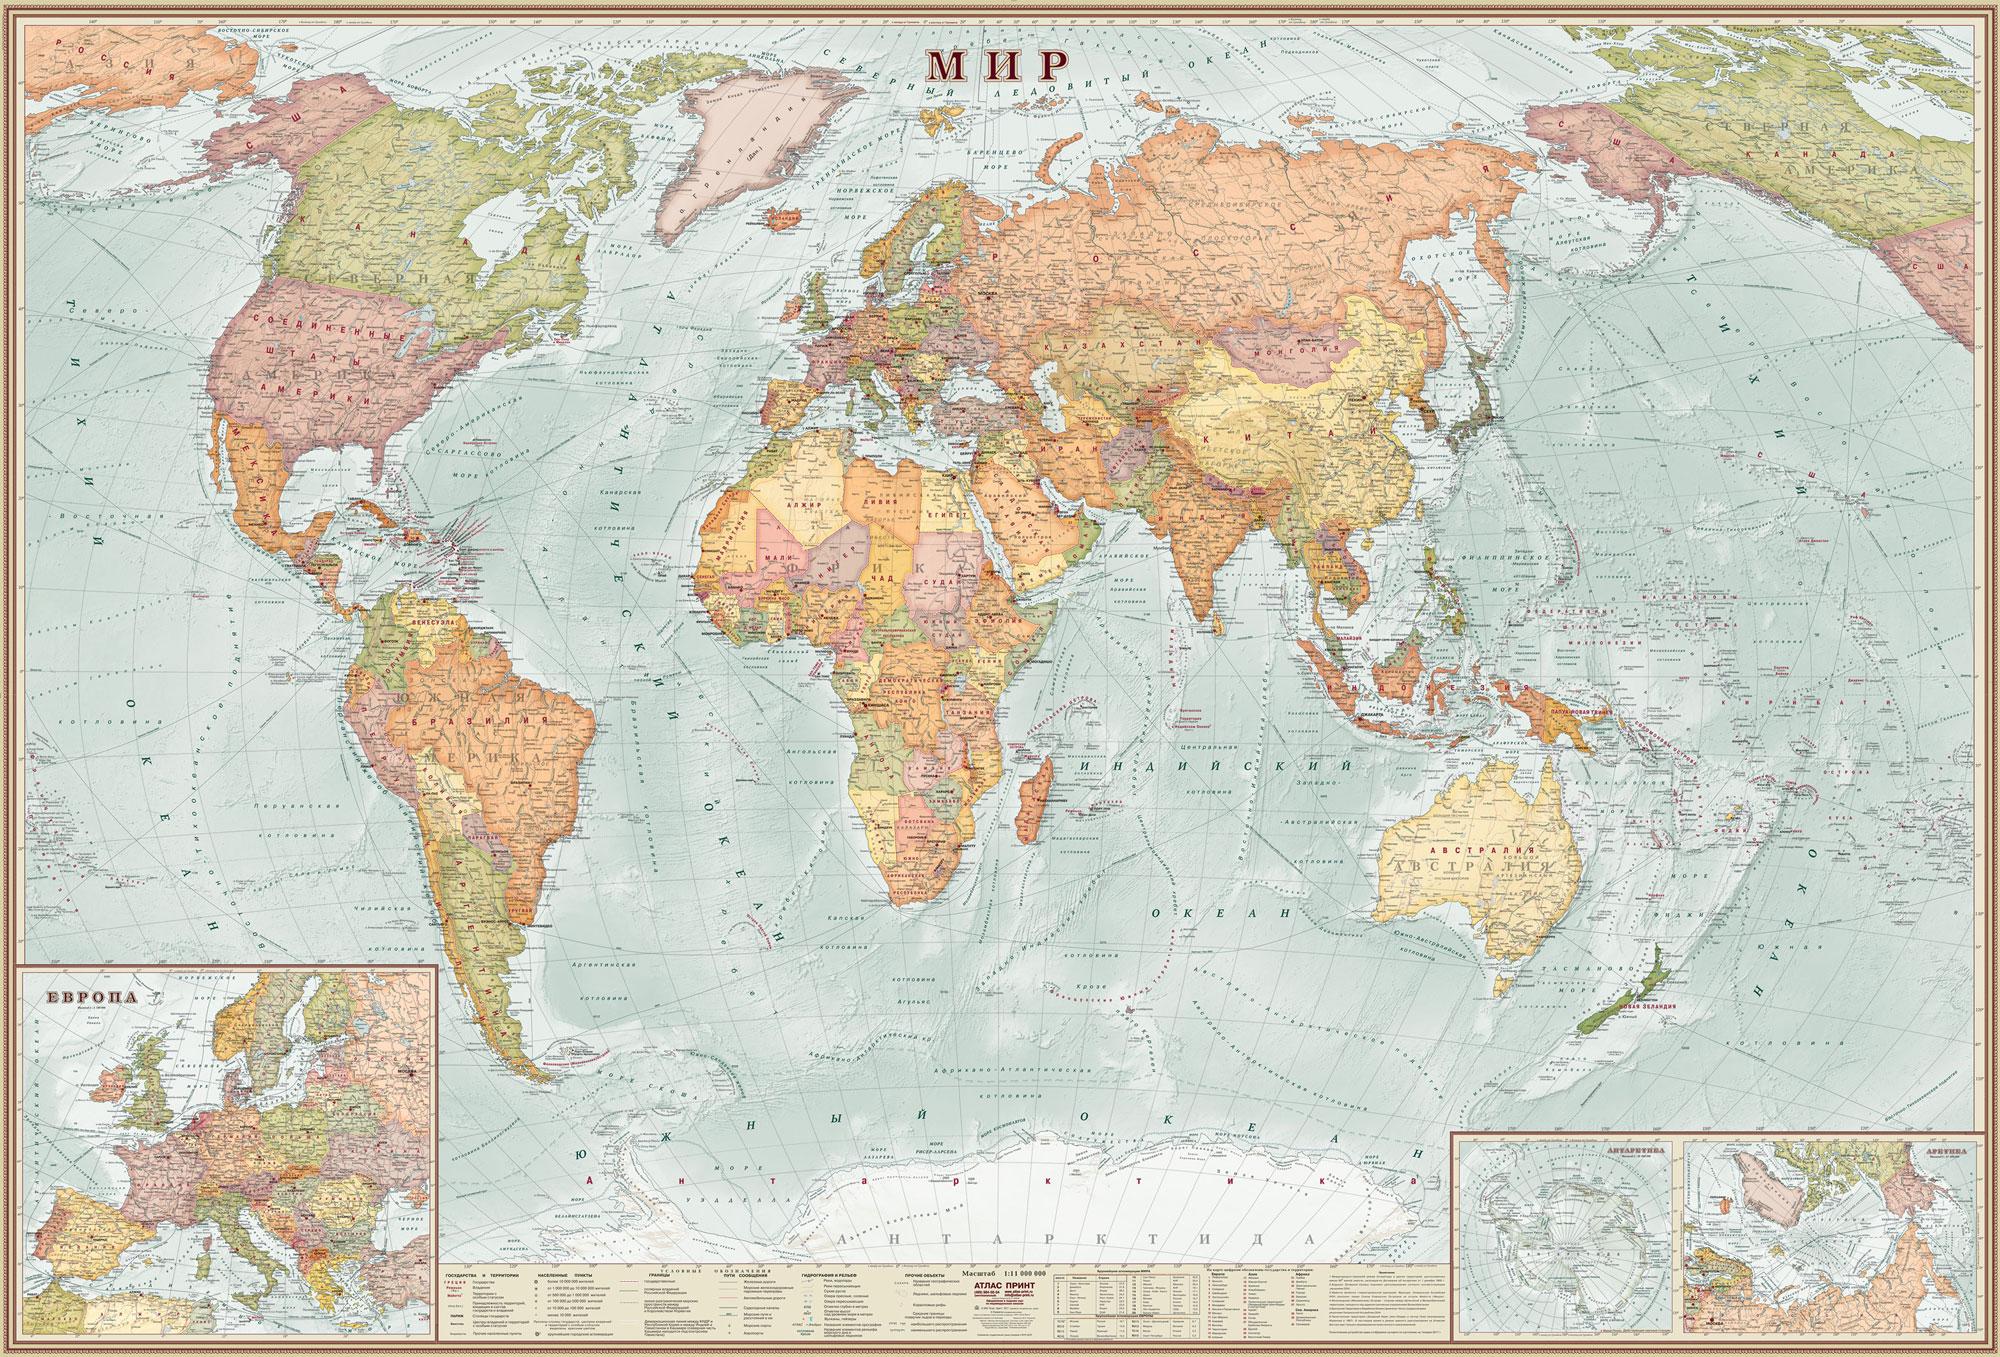 """Большая настенная политическая карта мира. Экодизайн. """"Мир"""" 3,13*2,12 м. Матовая ламинация. Фотообои."""